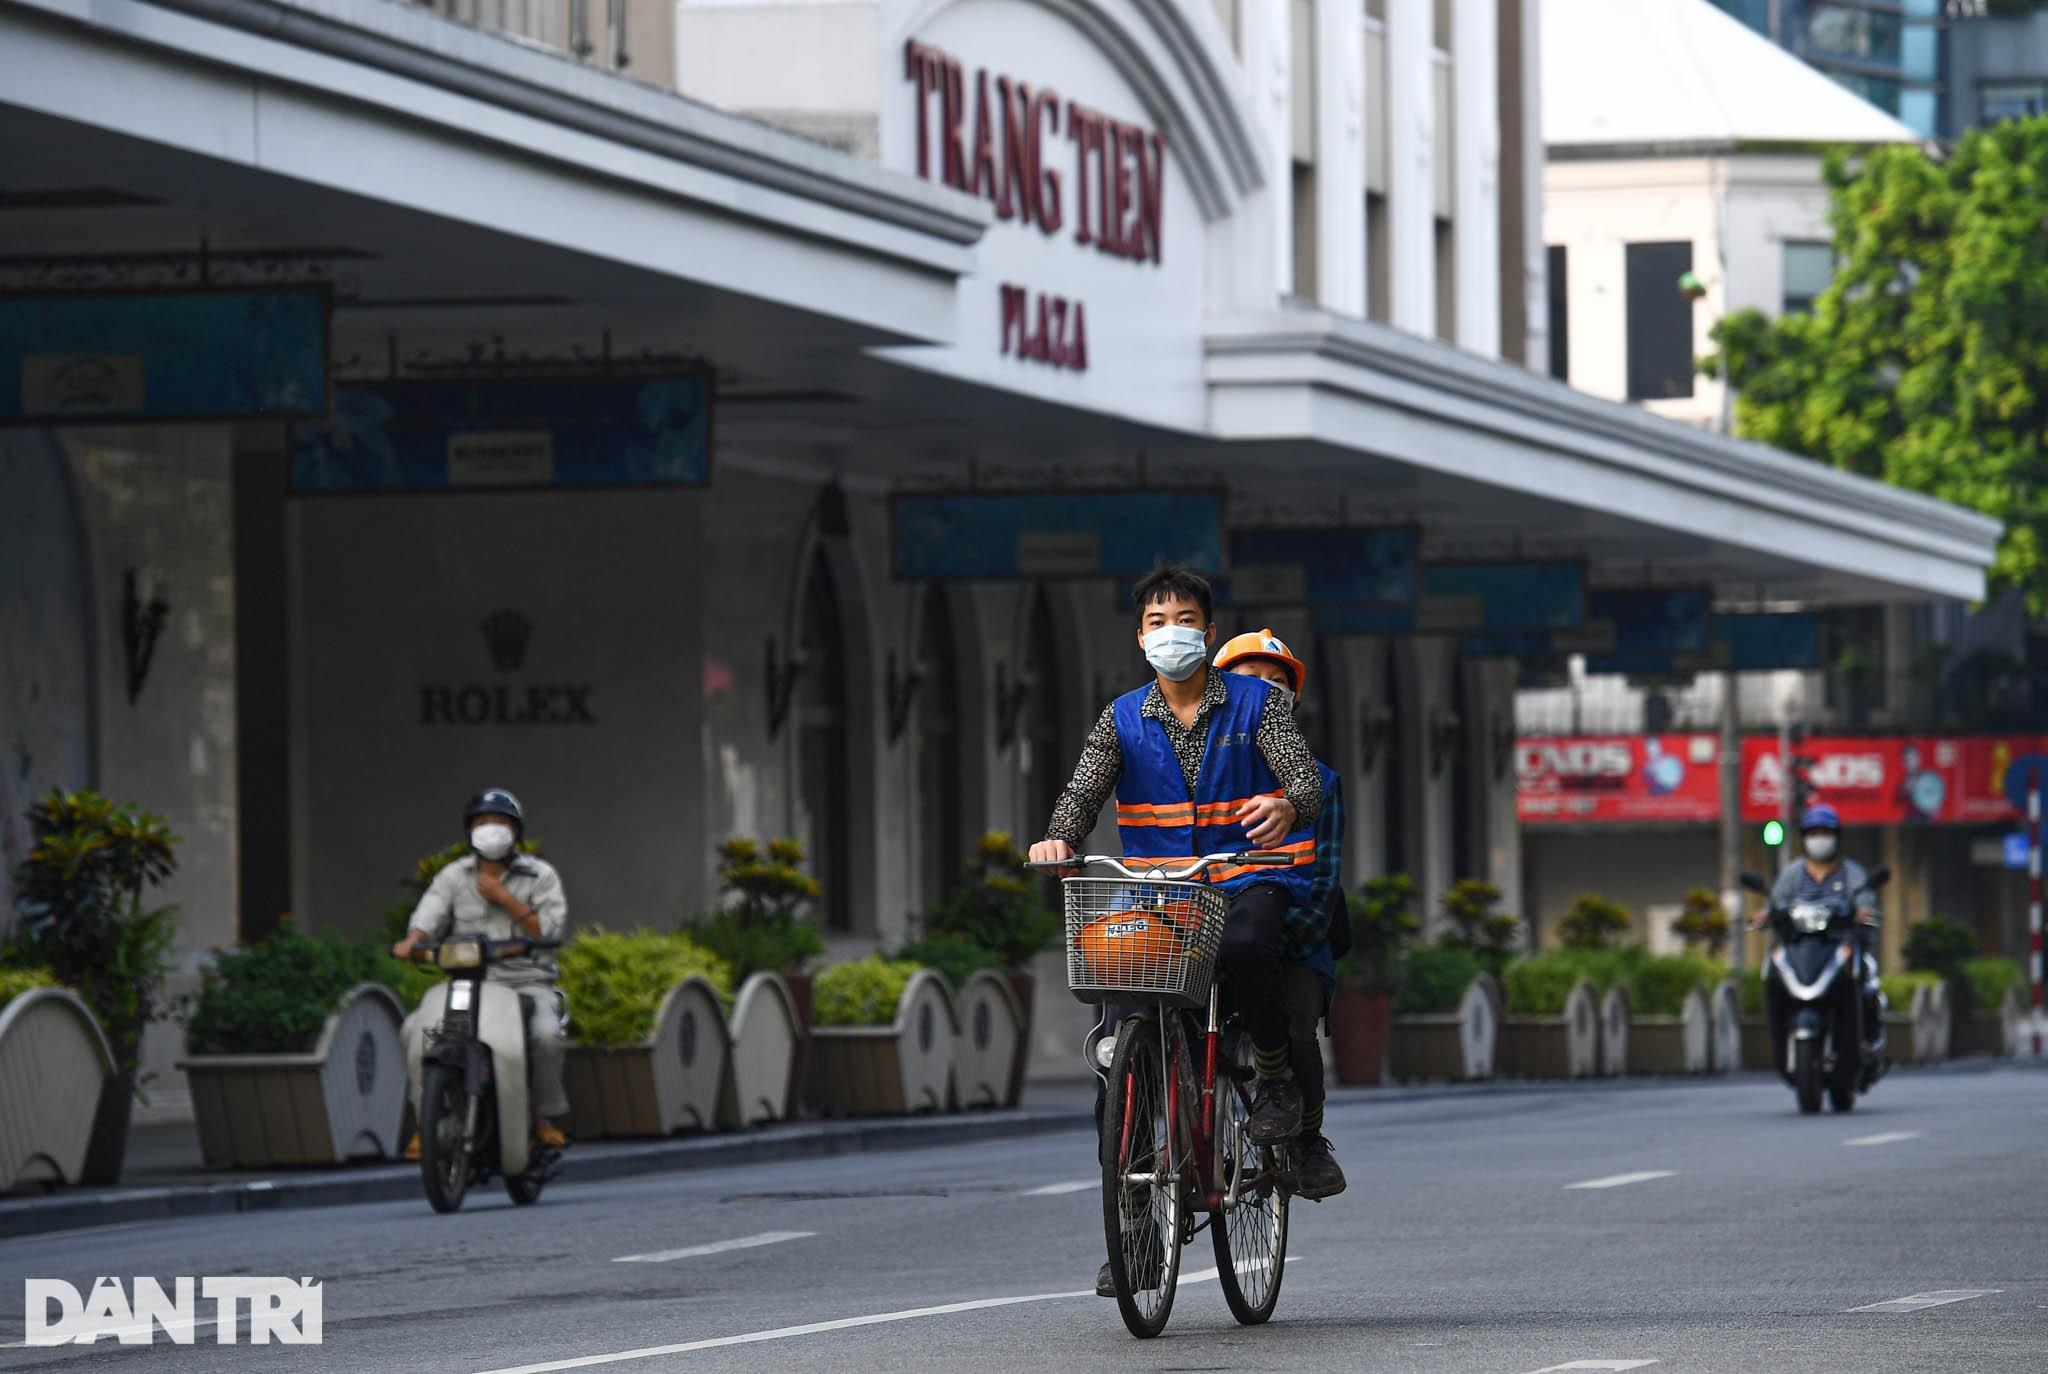 Hà Nội ngày đầu thực hiện Chỉ thị 16: Đường phố vắng, chợ dân sinh đông đúc - 19